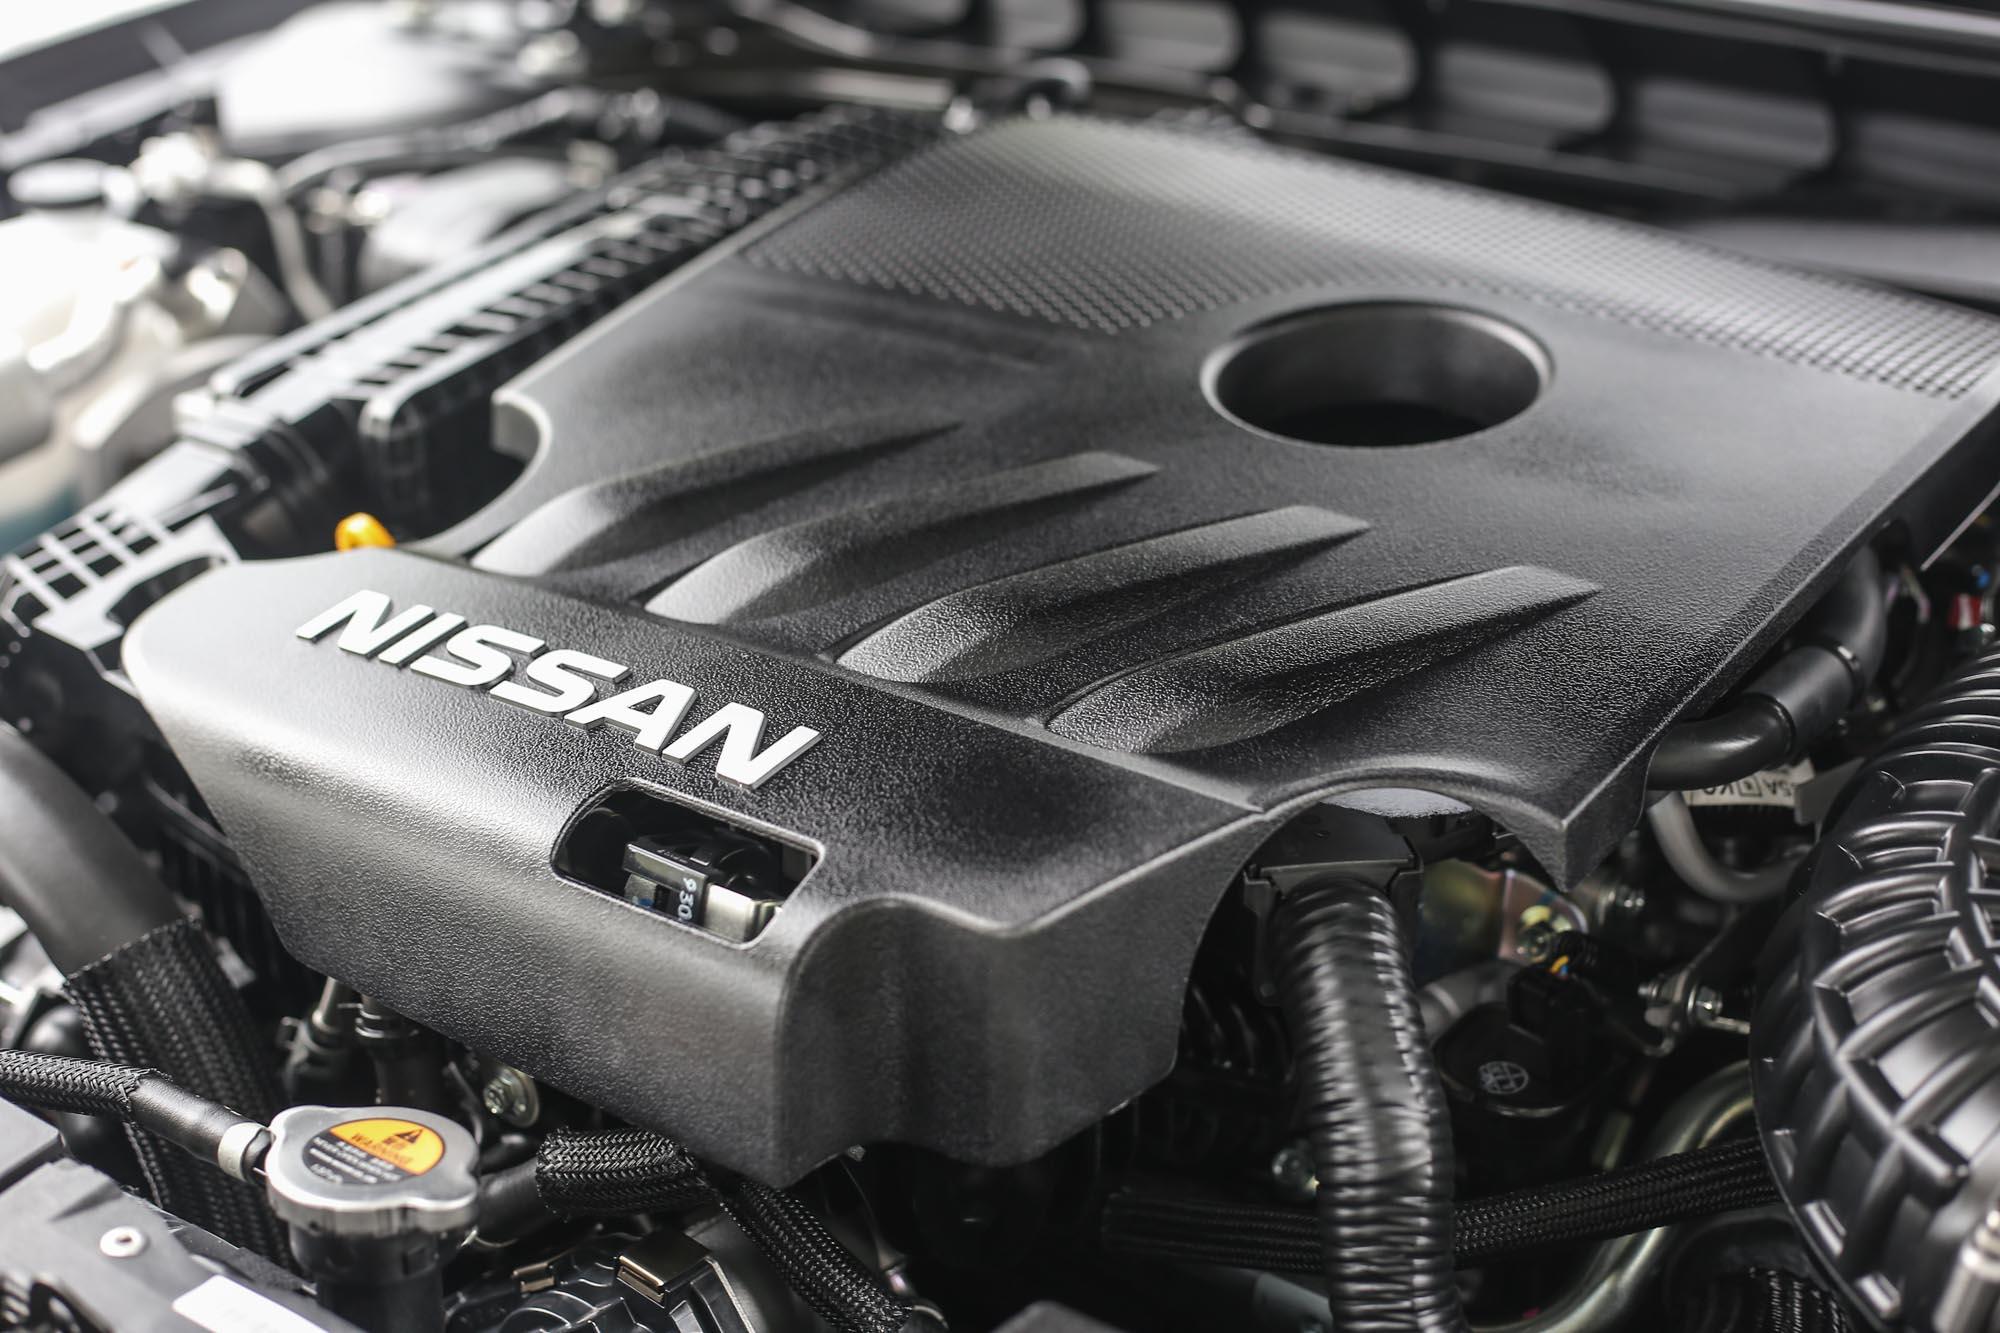 VC-Turbo 可變壓縮比渦輪增壓引擎是 Altima 的最大亮點,同樣的技術也用在 Infiniti QX50。